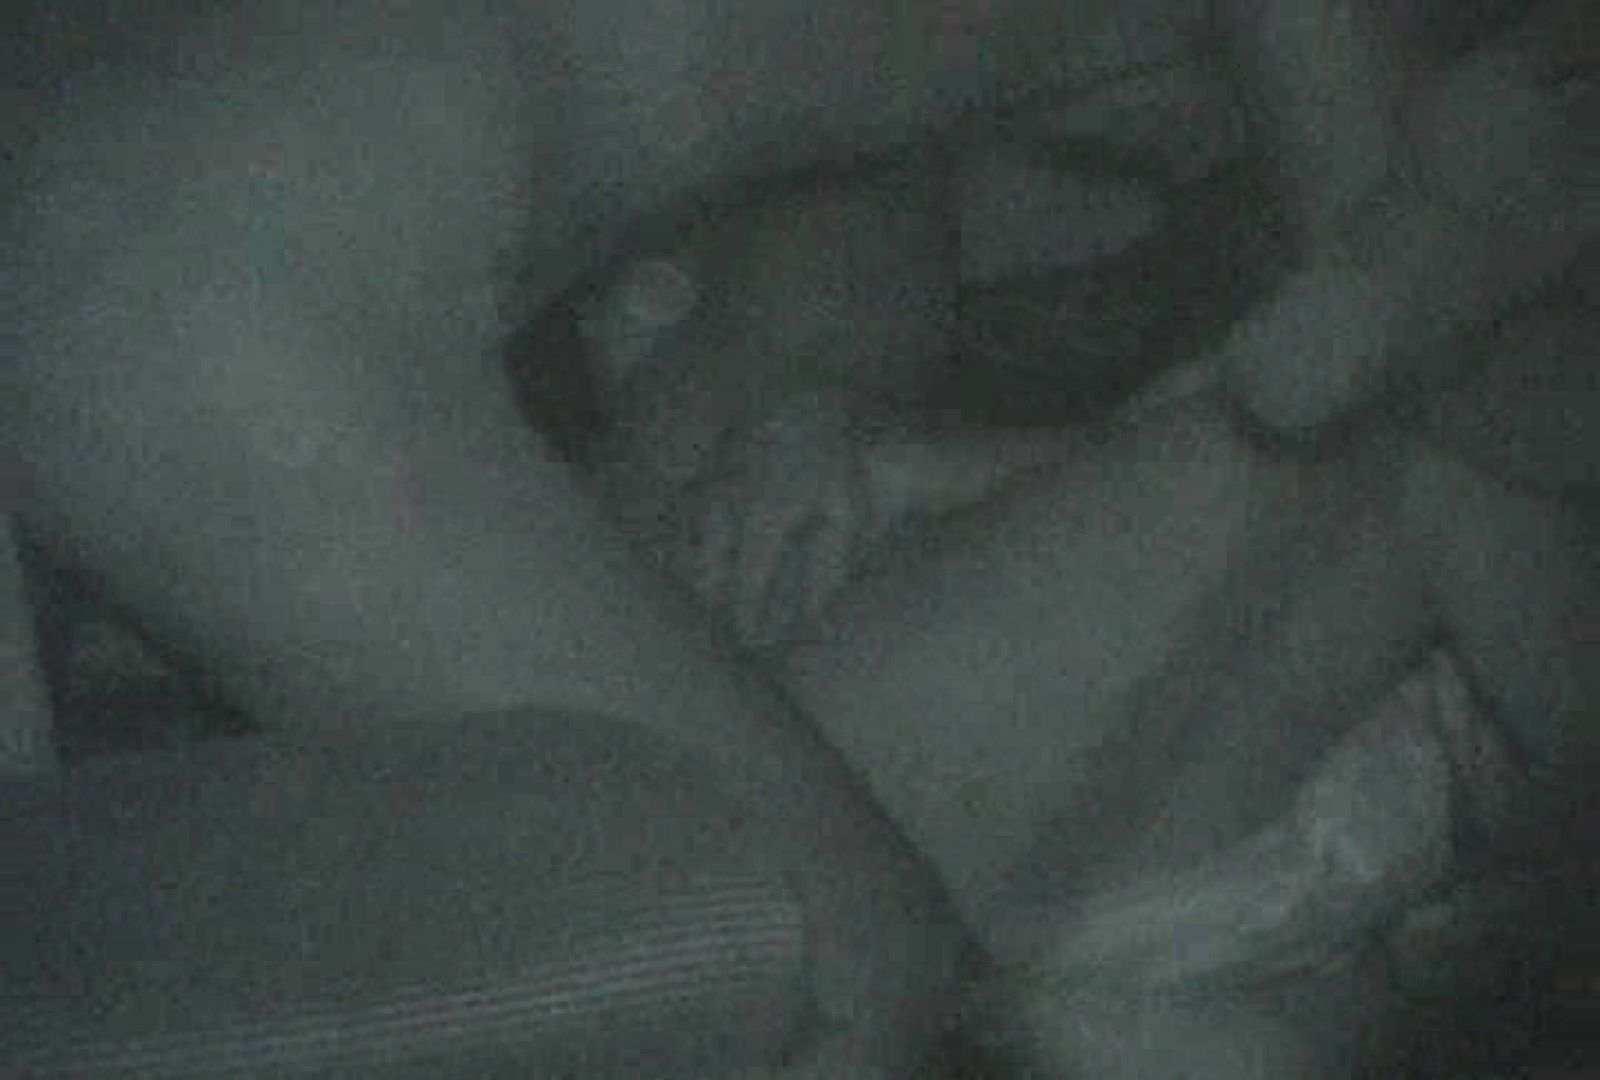 充血監督の深夜の運動会Vol.42 ギャルのエロ動画 | エッチなセックス  55画像 46